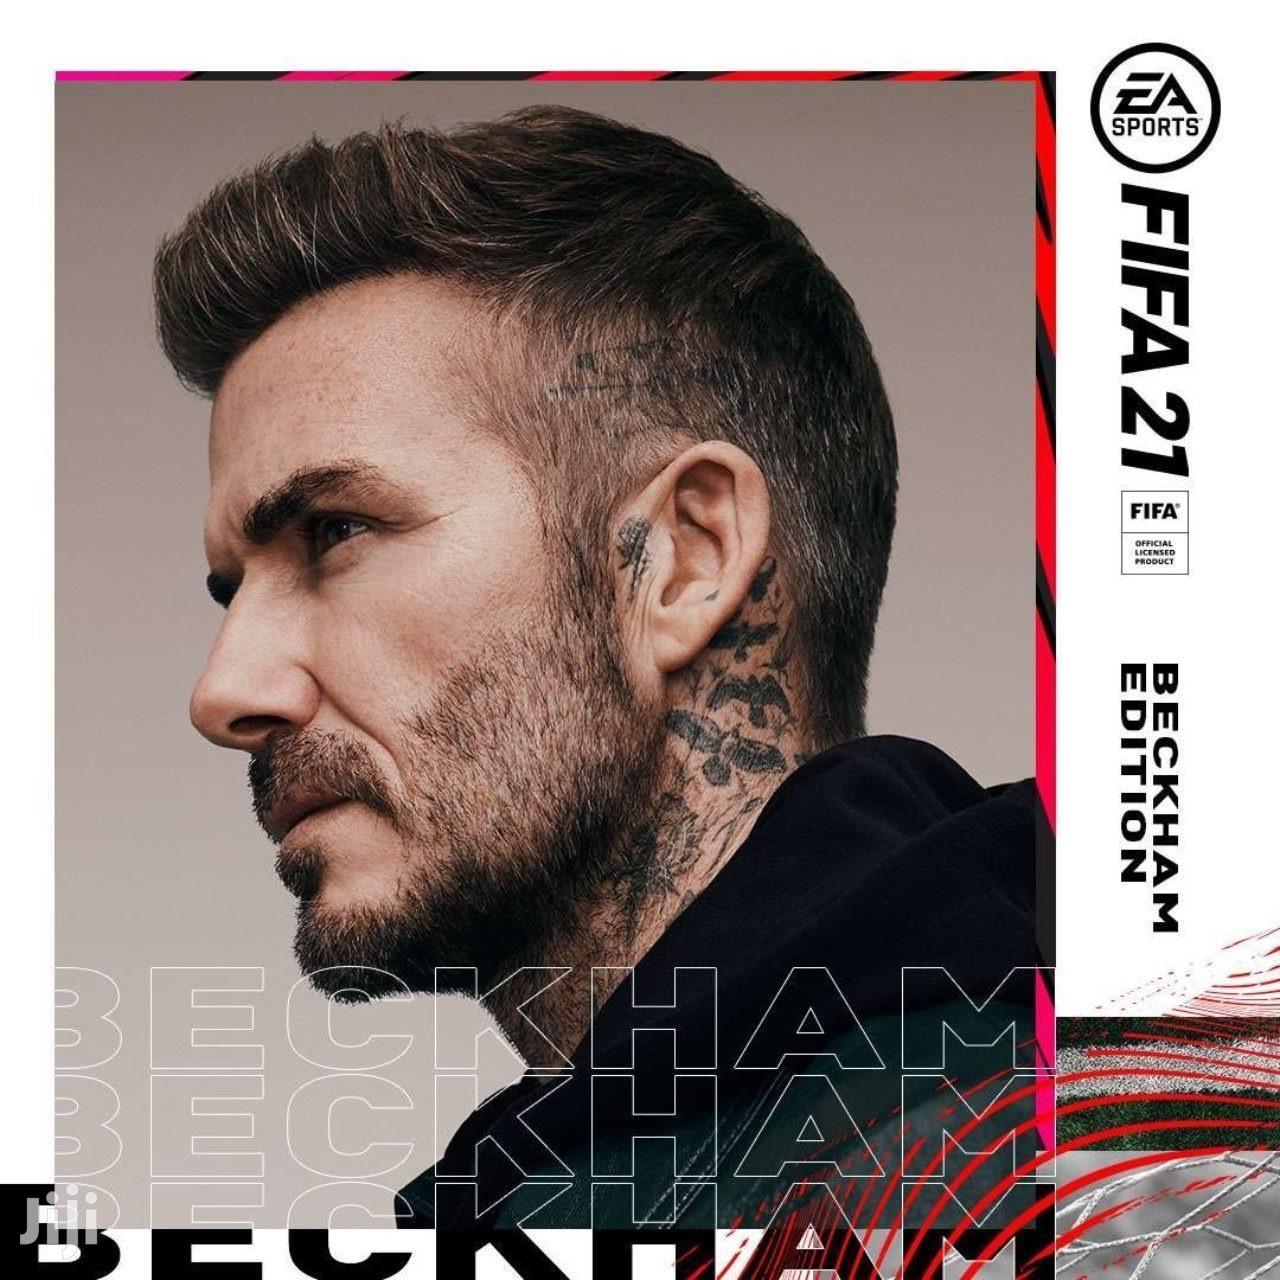 Прокат FIFA 21 Beckham Edition від 7 днів PS5